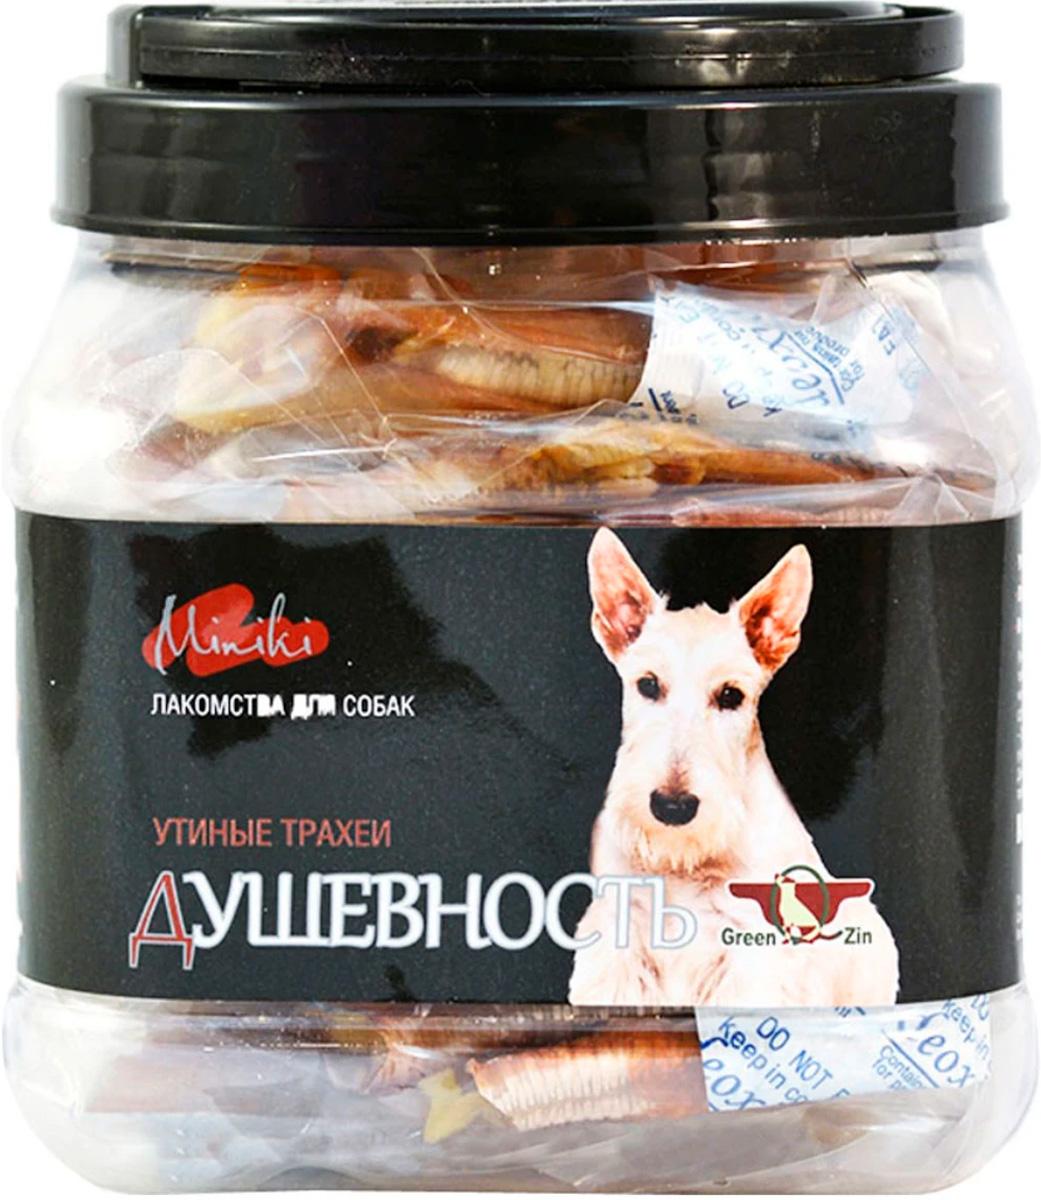 Лакомство Green Qzin Miniki Душевность для собак маленьких пород утиные трахеи сушеные 200 гр (1 шт)